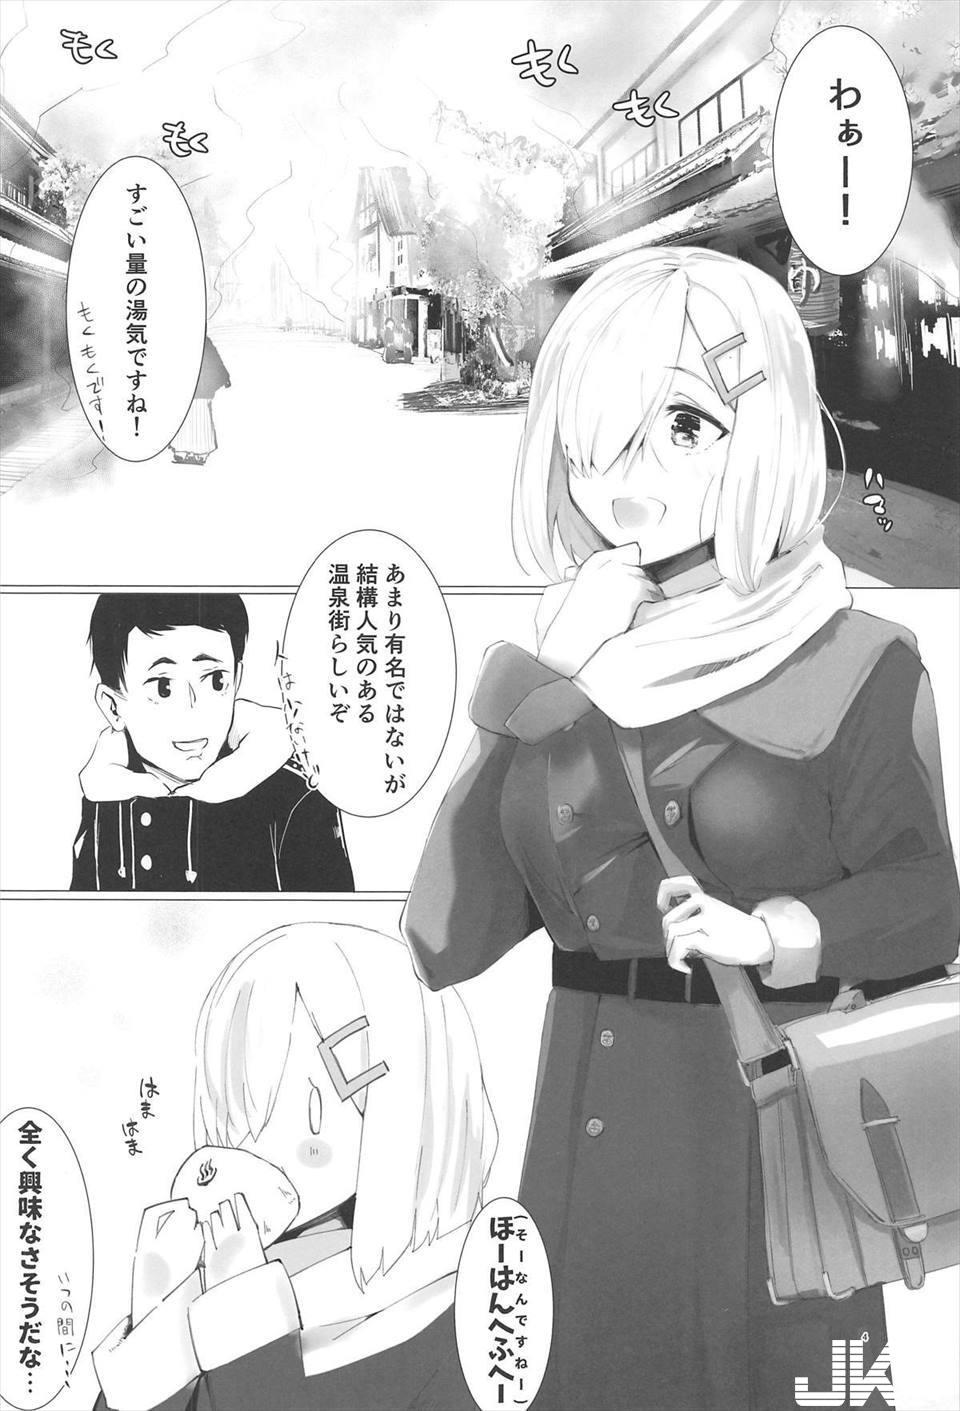 hamakazetomottohsuruhon002.jpg